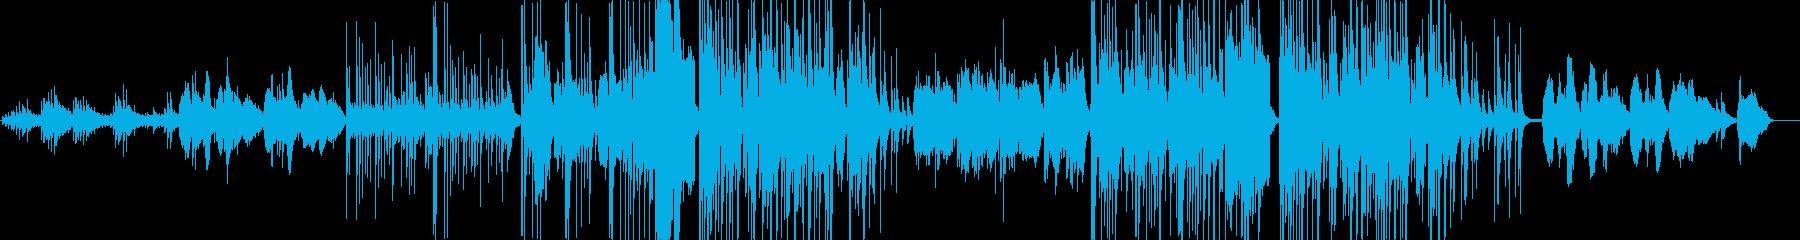 アガイティーラの再生済みの波形